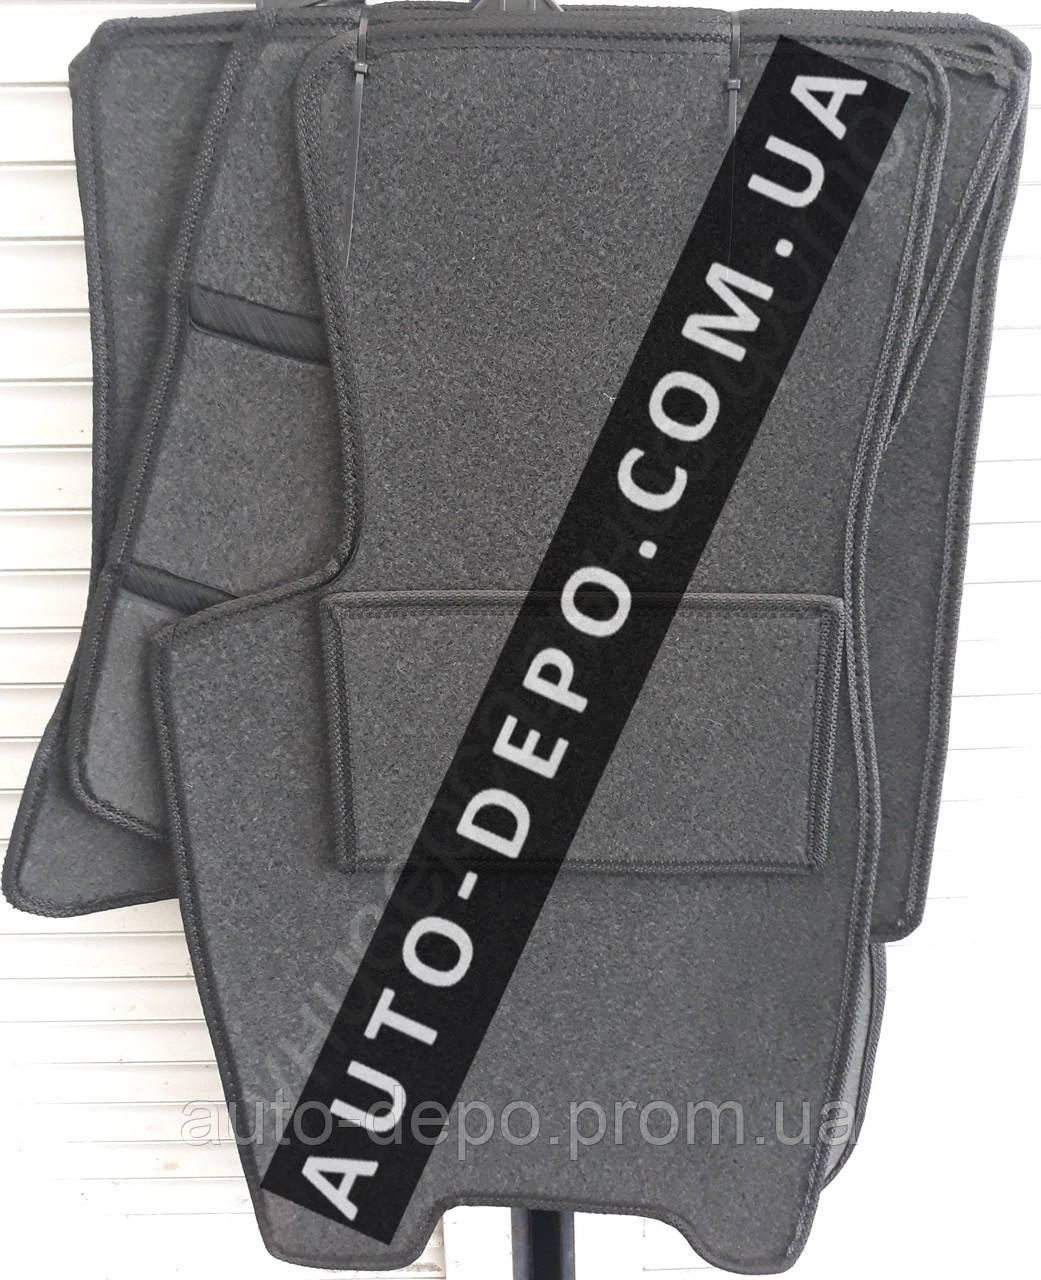 Ворсові килимки Jeep Grand Cherokee 1998-2005 VIP ЛЮКС АВТО-ВОРС